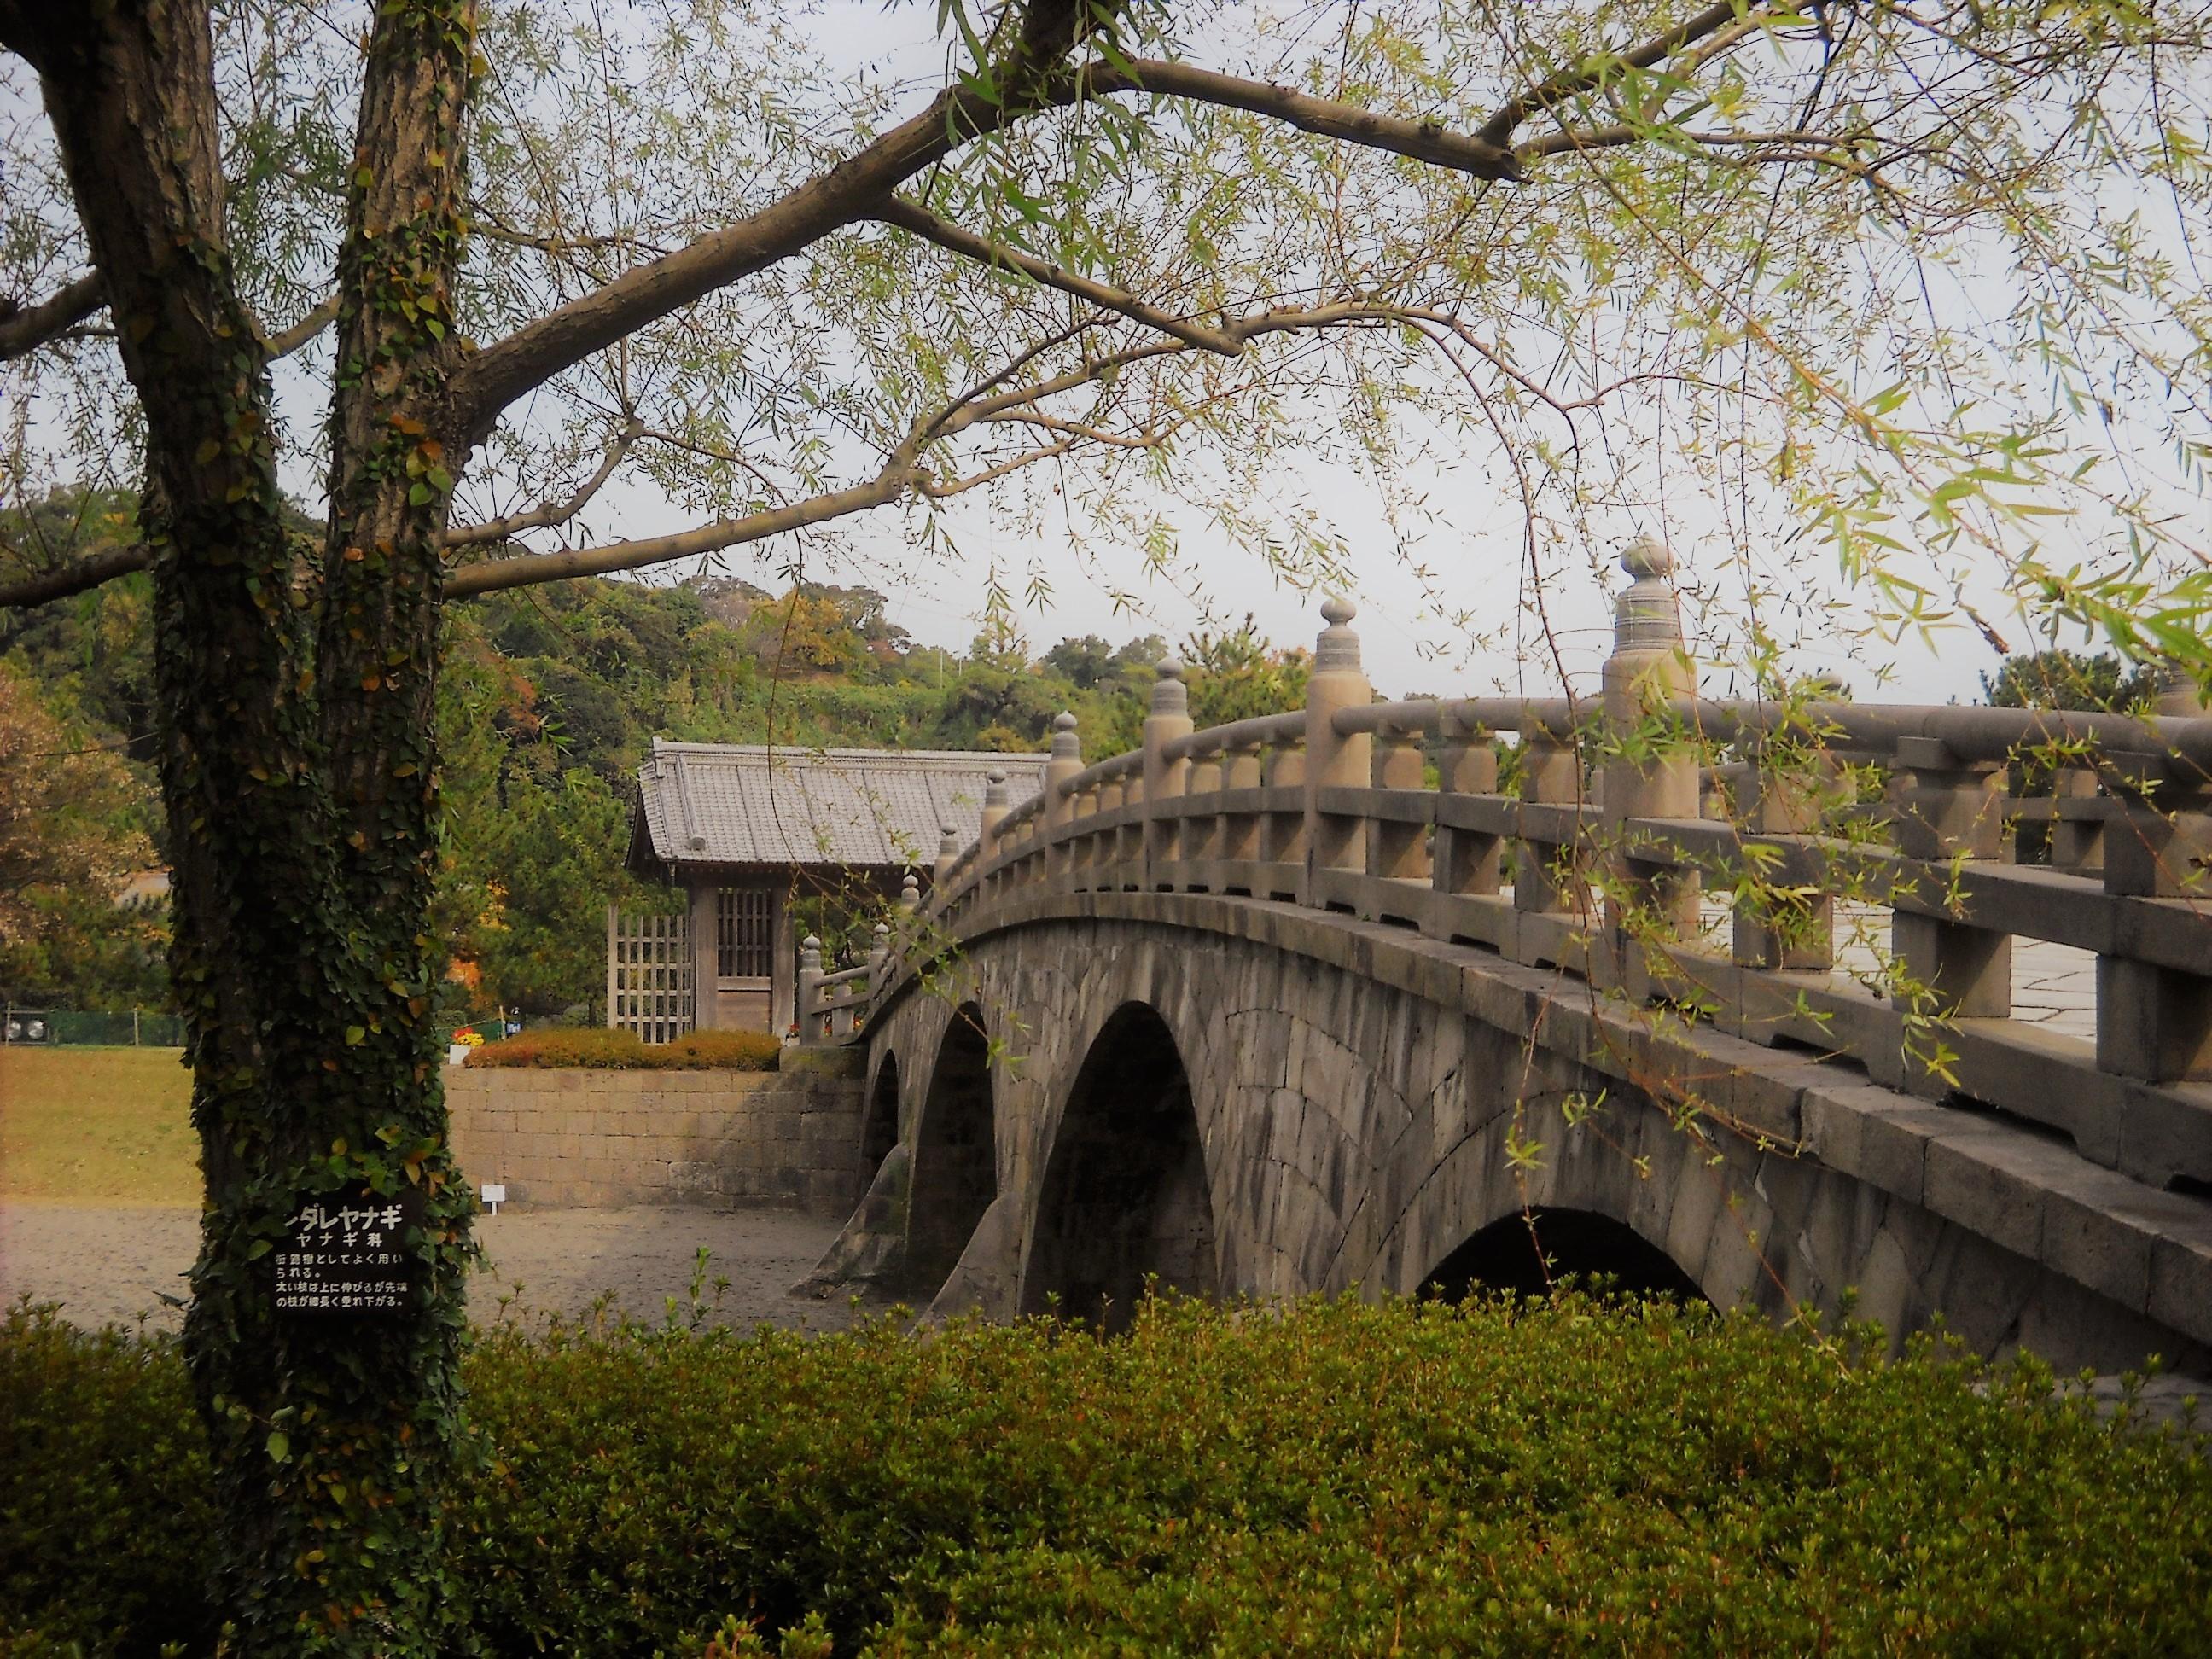 シダレヤナギと西田橋